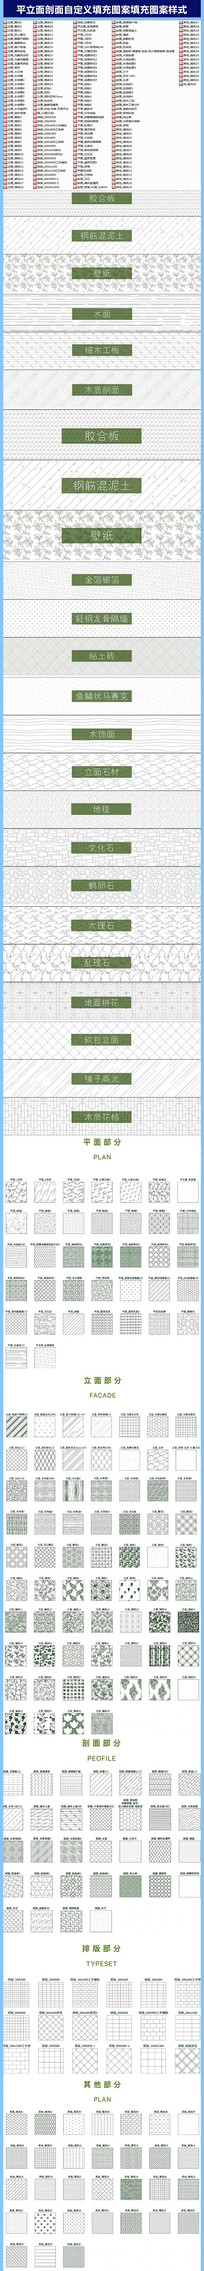 室内平立面剖面自定义填充图案样式